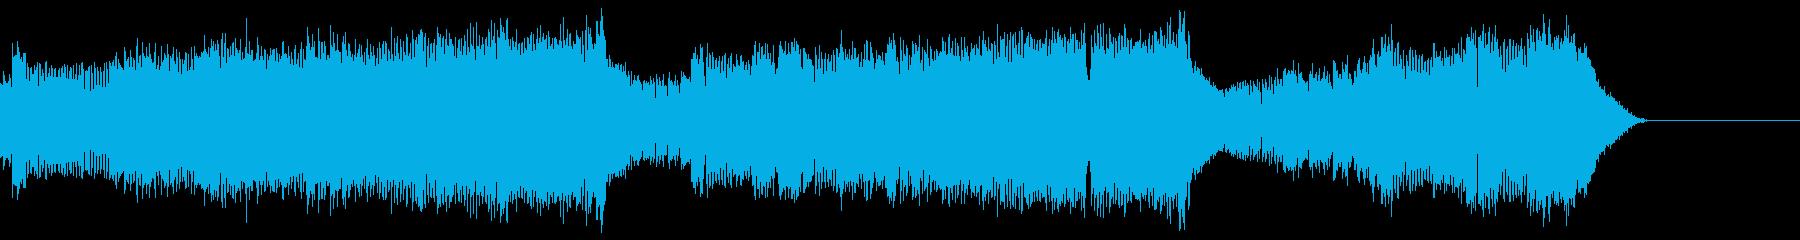 ディストーションギターmeetsテクノ…の再生済みの波形